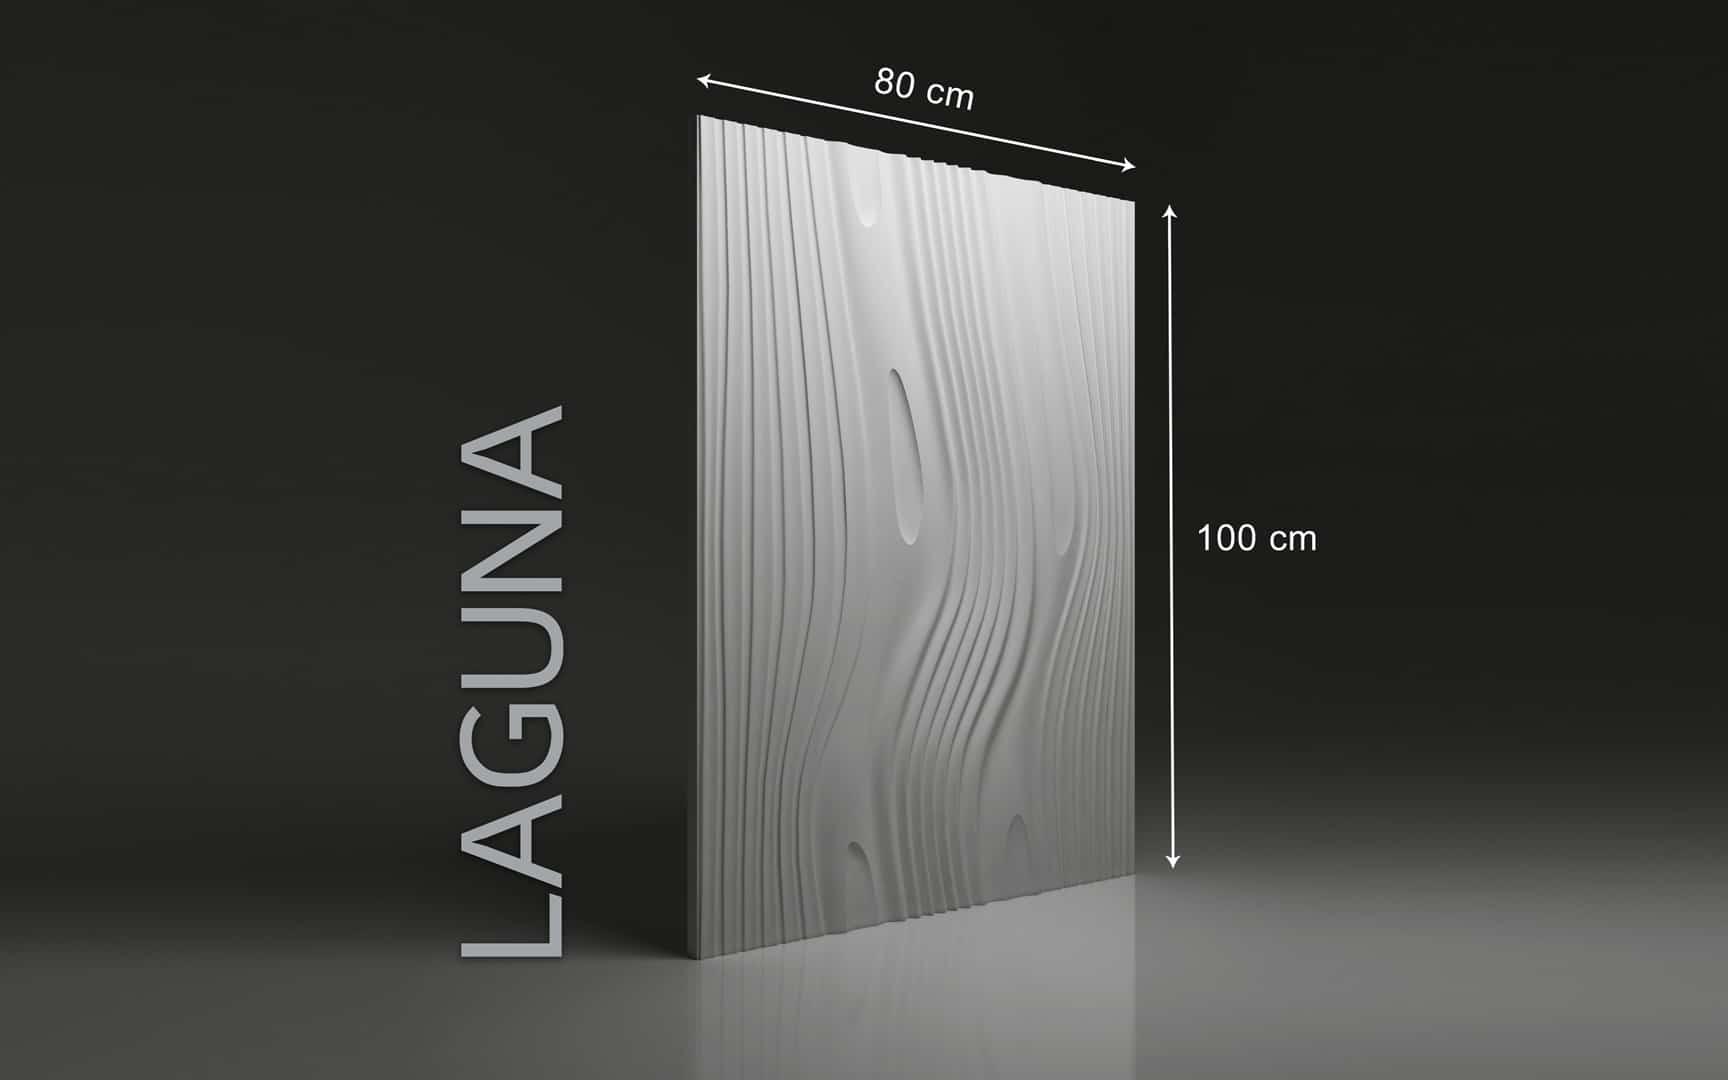 LAGUNA DIMENSIONS : hauteur 100 x largeur 80 cm ÉPAISSEUR : de 1,5 cm à 3,0 cm  POIDS : environ 12 kg